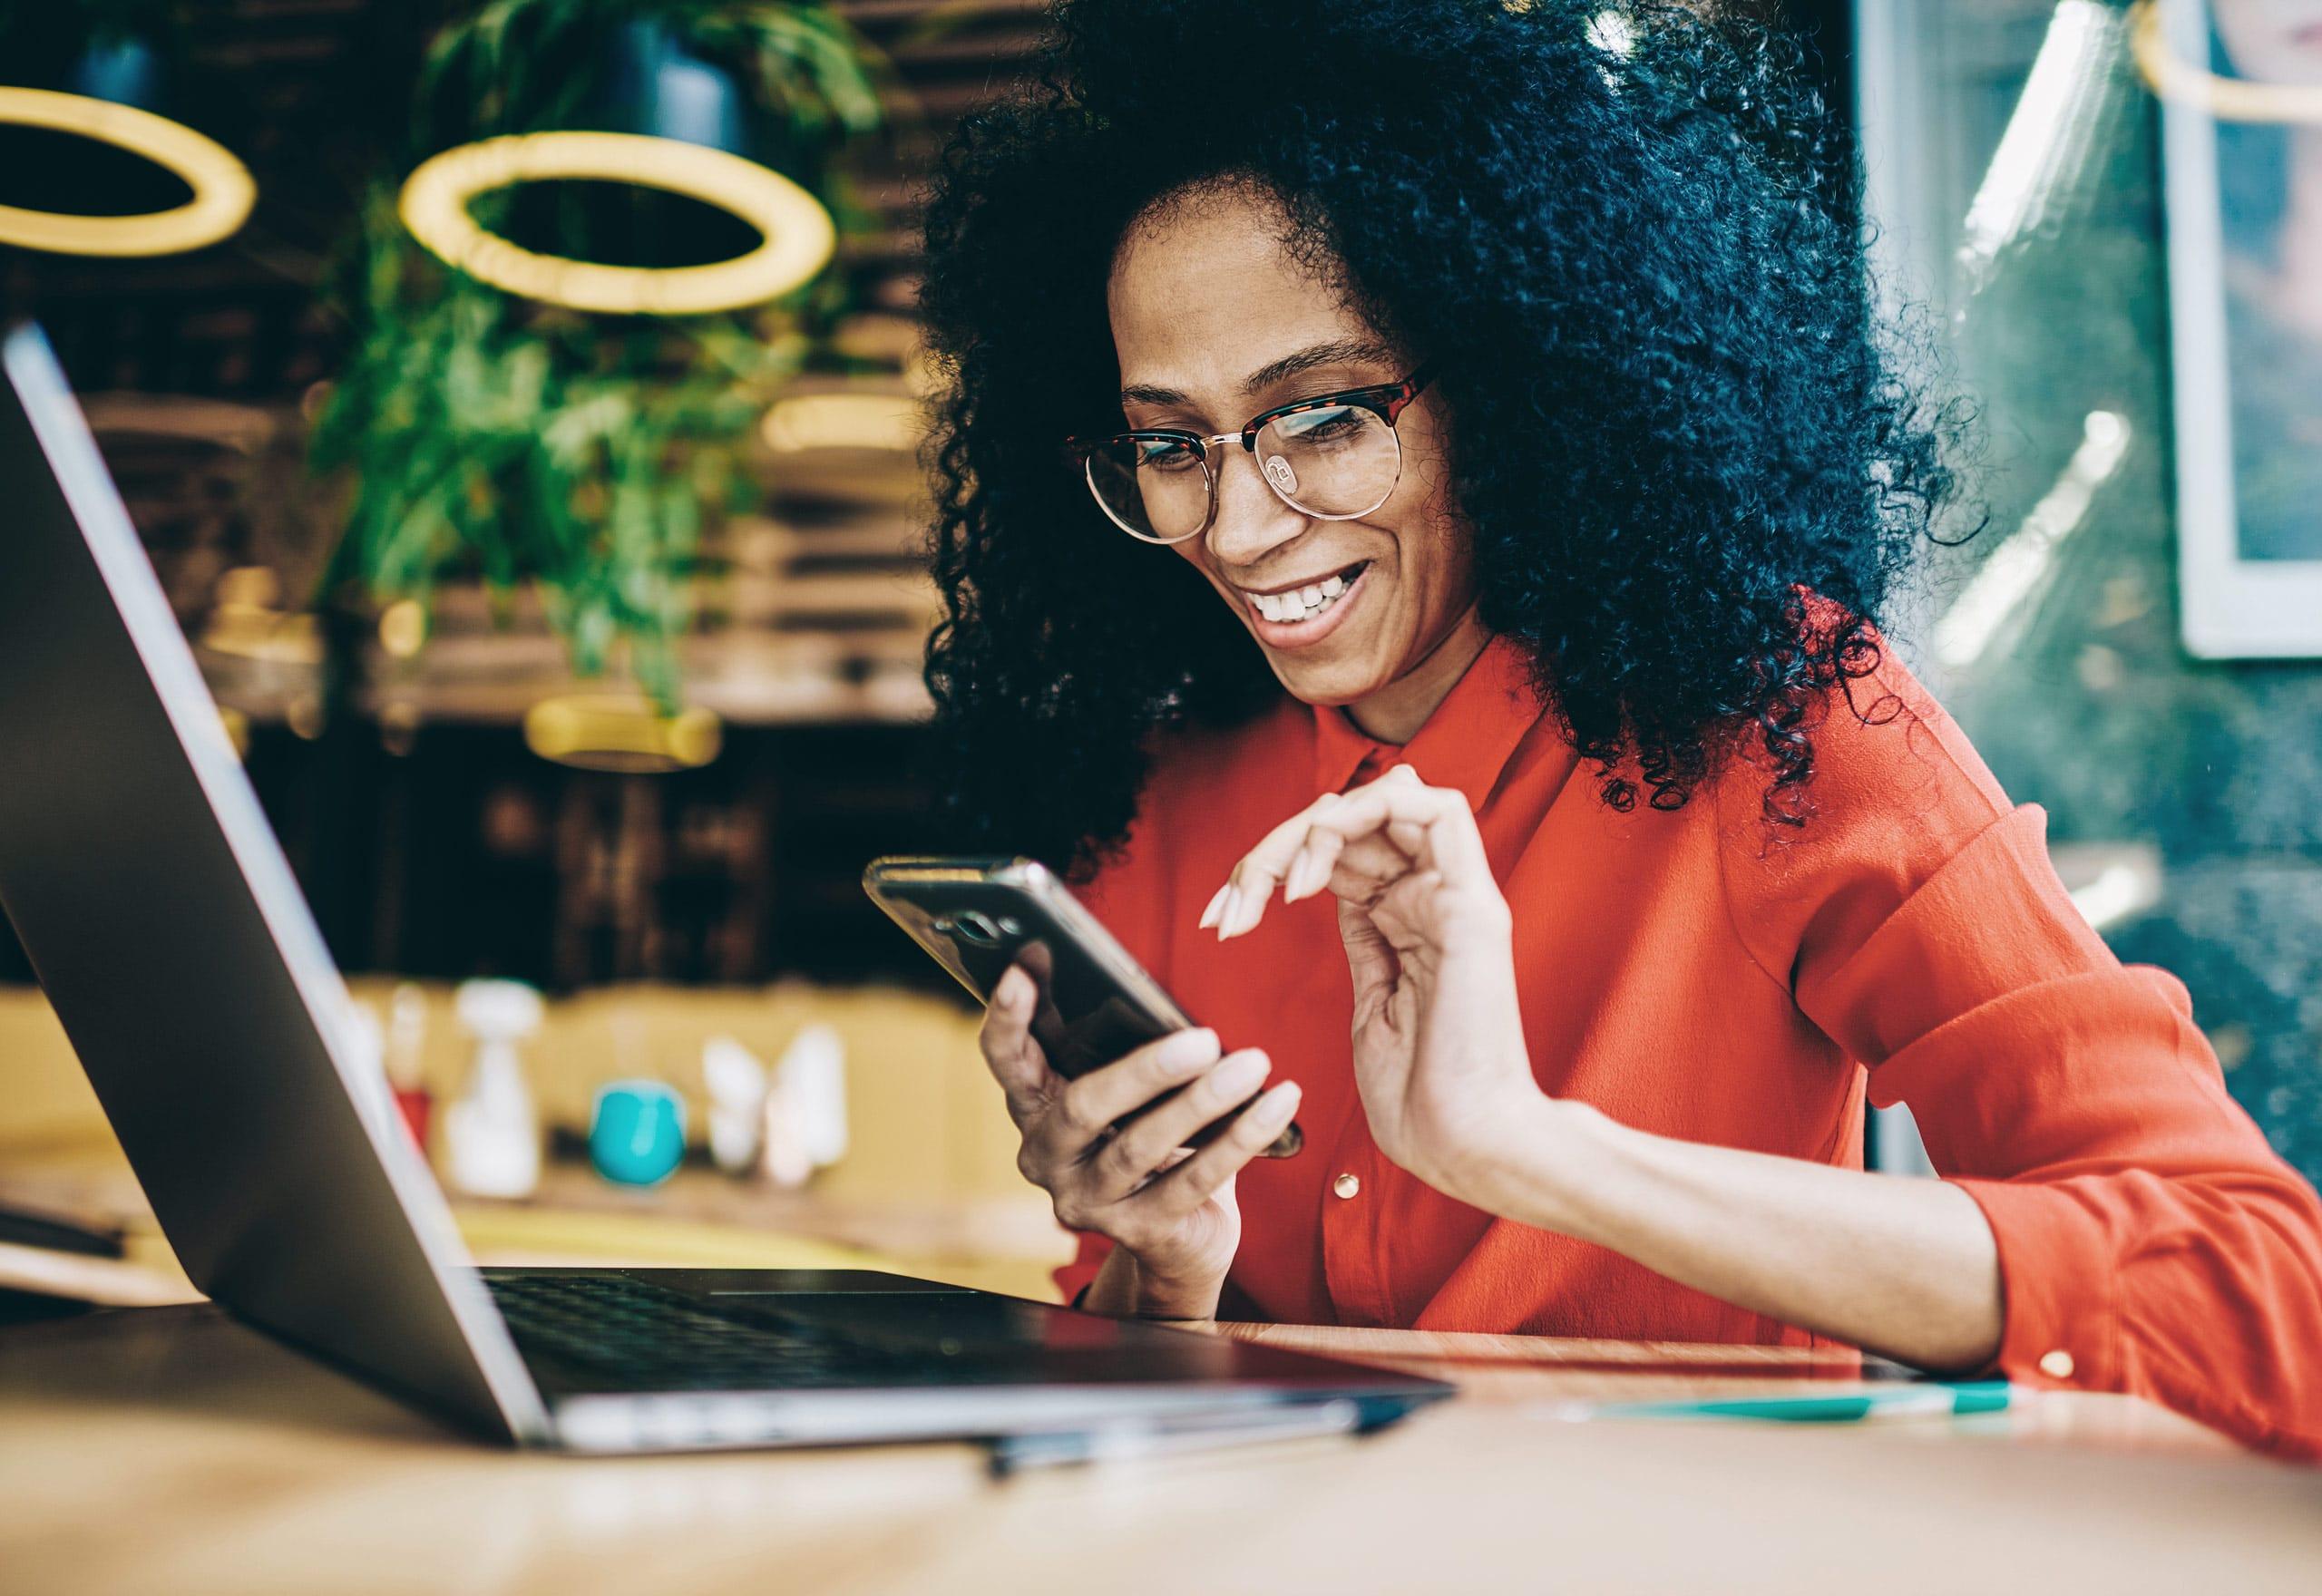 Website: 09 passos para o sucesso digital